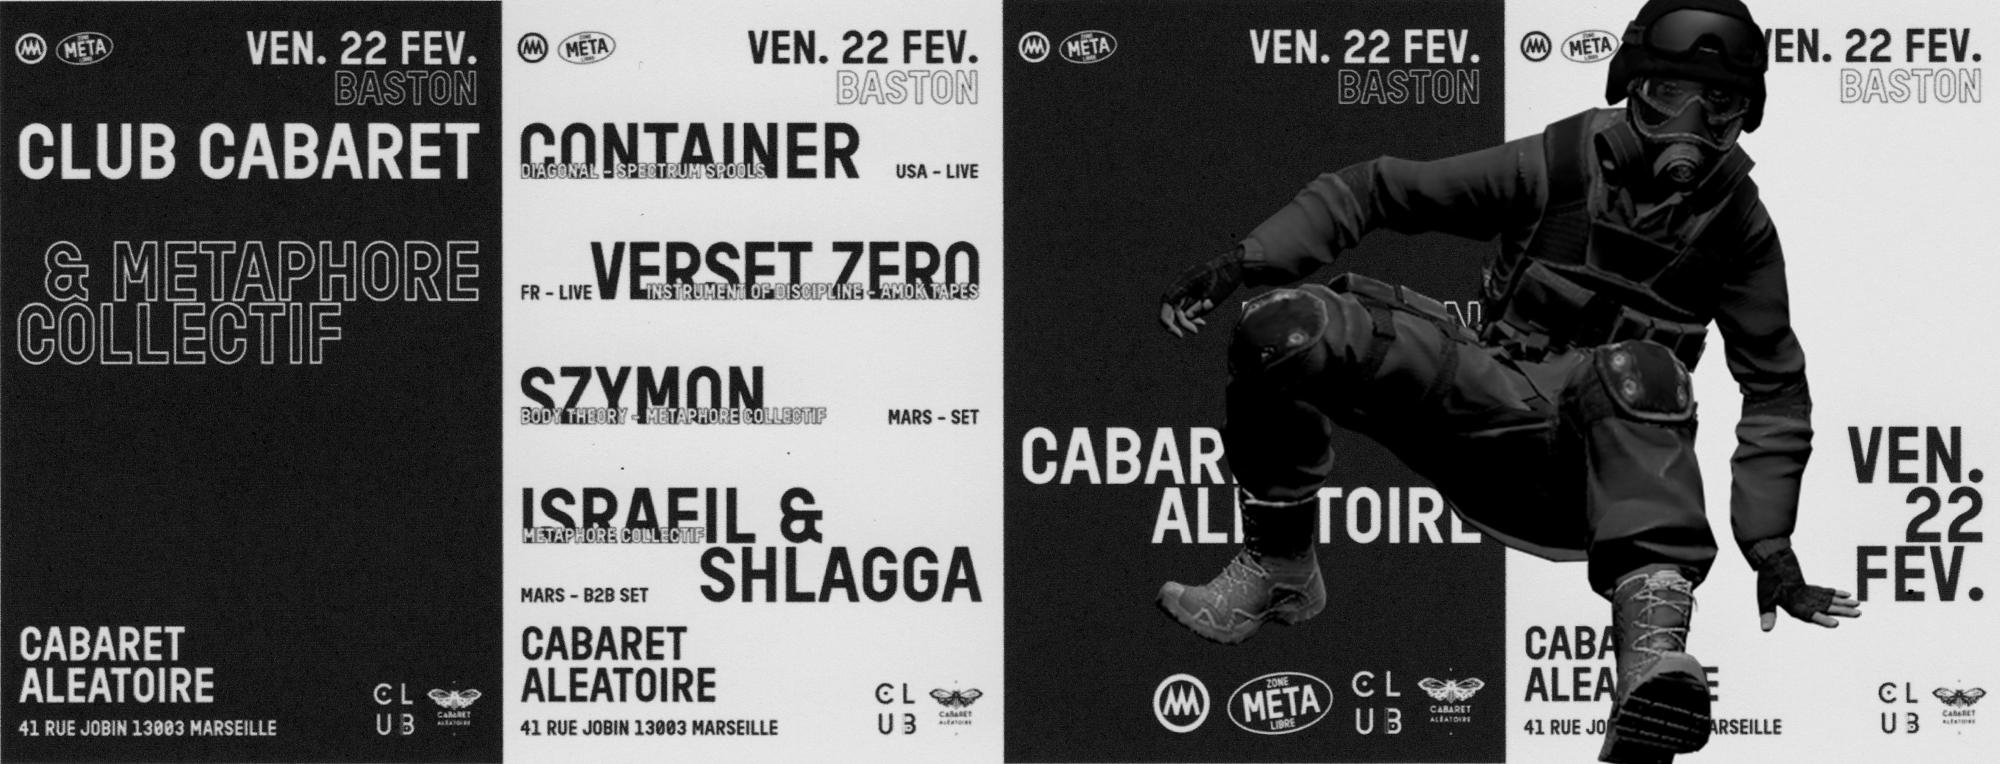 Club Cabaret x Metaphore Collectif : CONTAINER (live) +...